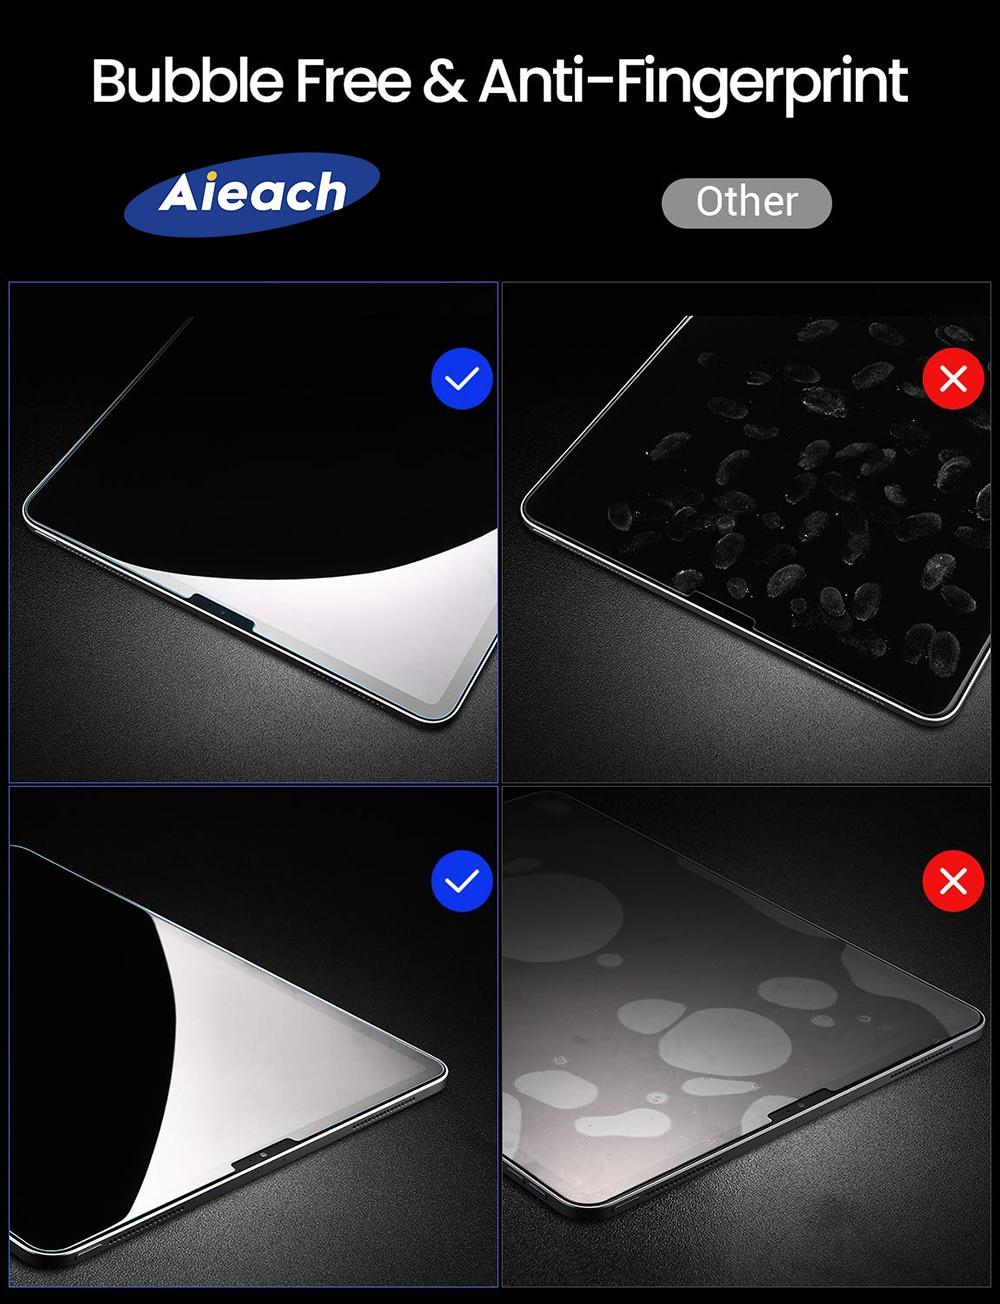 6D folia ochronna na ekran z zakrzywionymi krawędziami dla iPad Pro 11 10.5 9.7 ochronne szkło hartowane na dla iPad 2017 2018 powietrza 1 2 mini 2 3 4 1